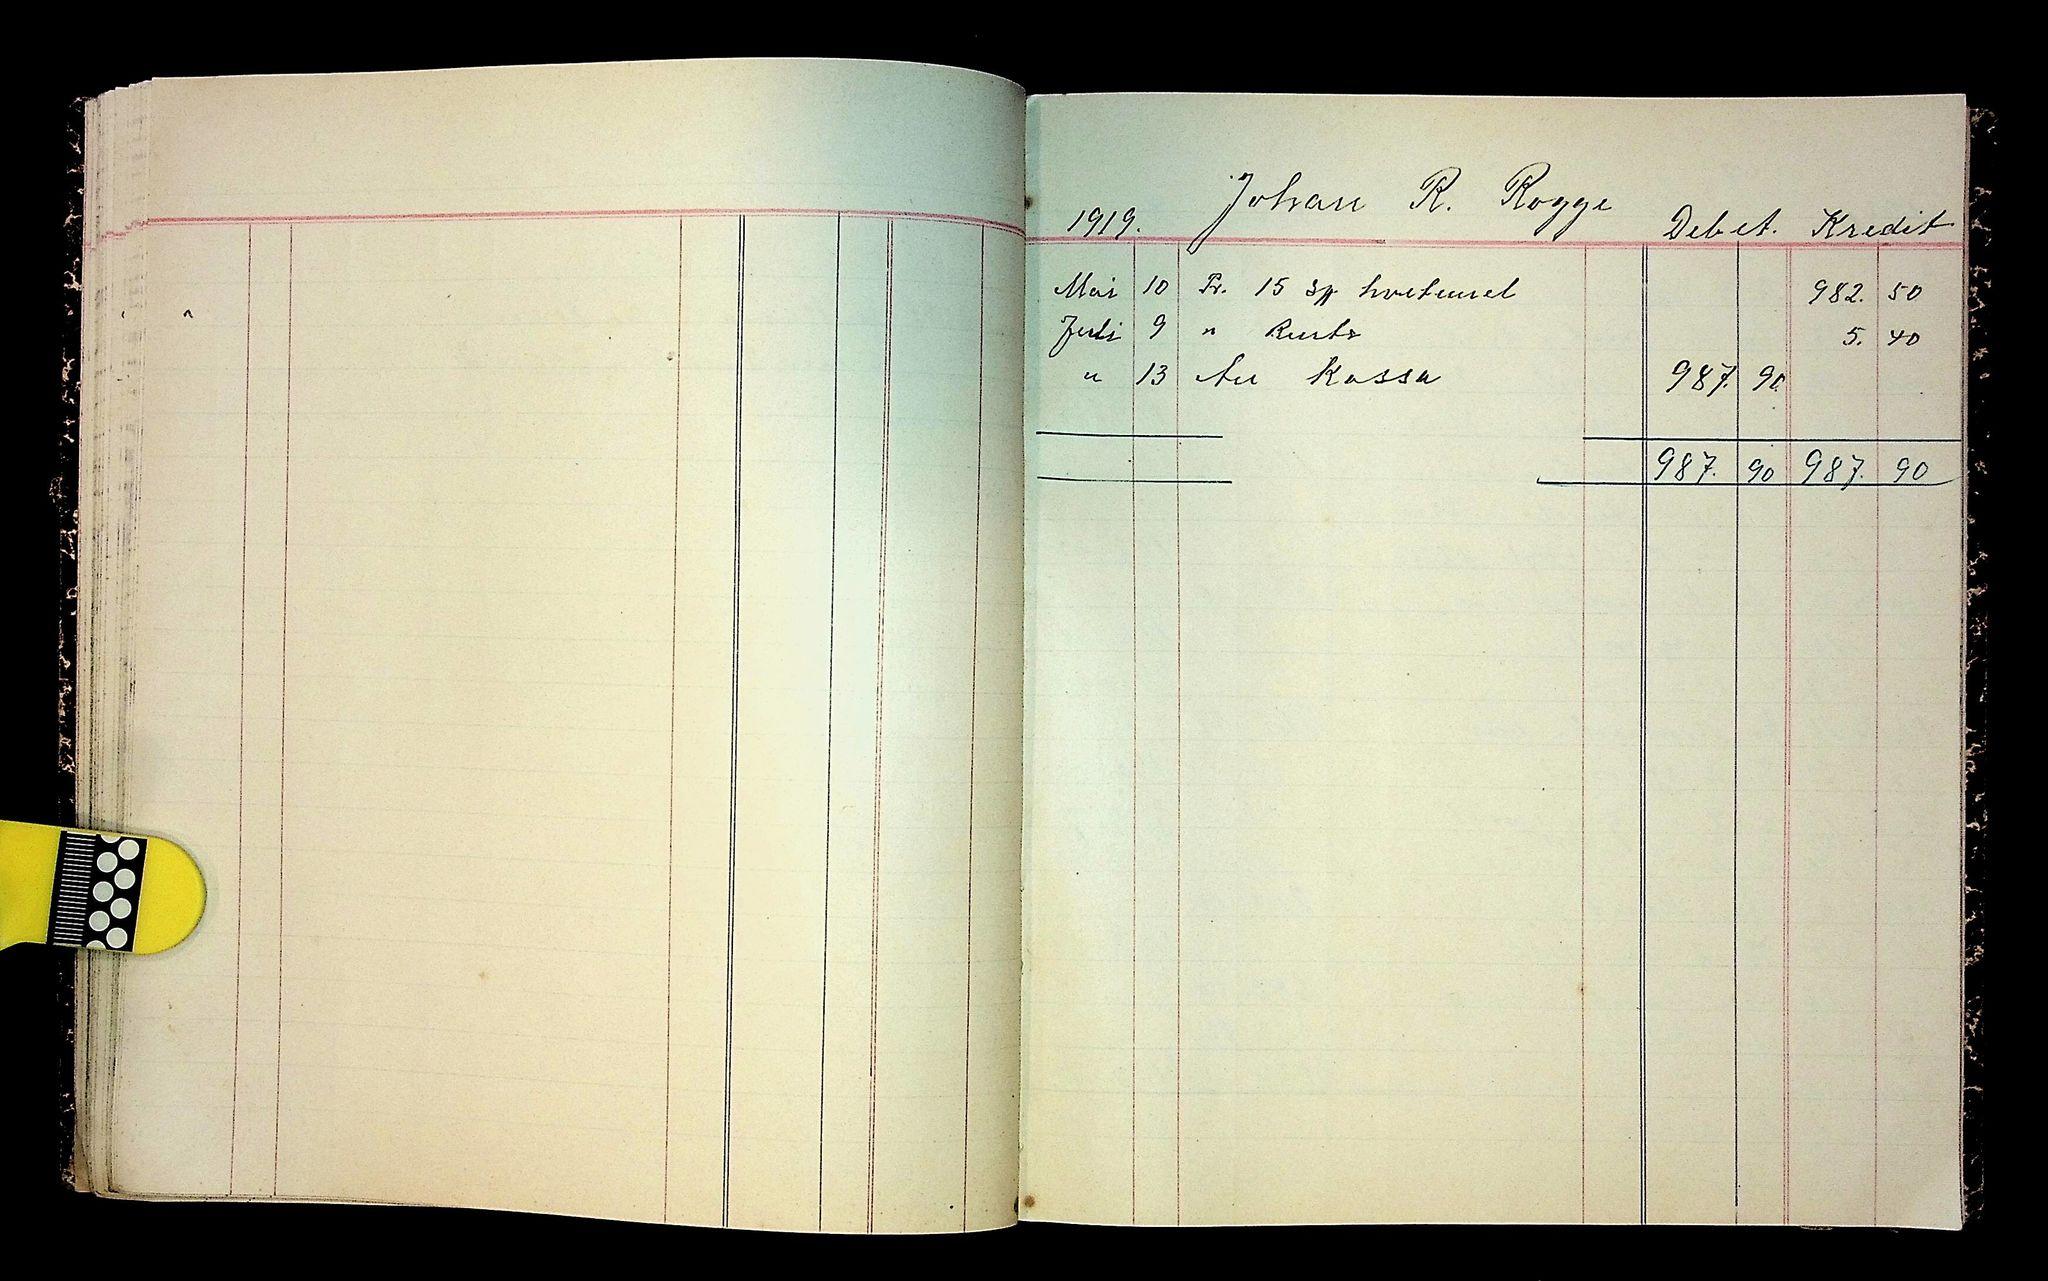 IKAH, Varaldsøy kommune. Mundheim provianteringsråd, R/Ra/L0002: Kontobok  for Mundheim provianteringsråd, 1919-1920, s. 28